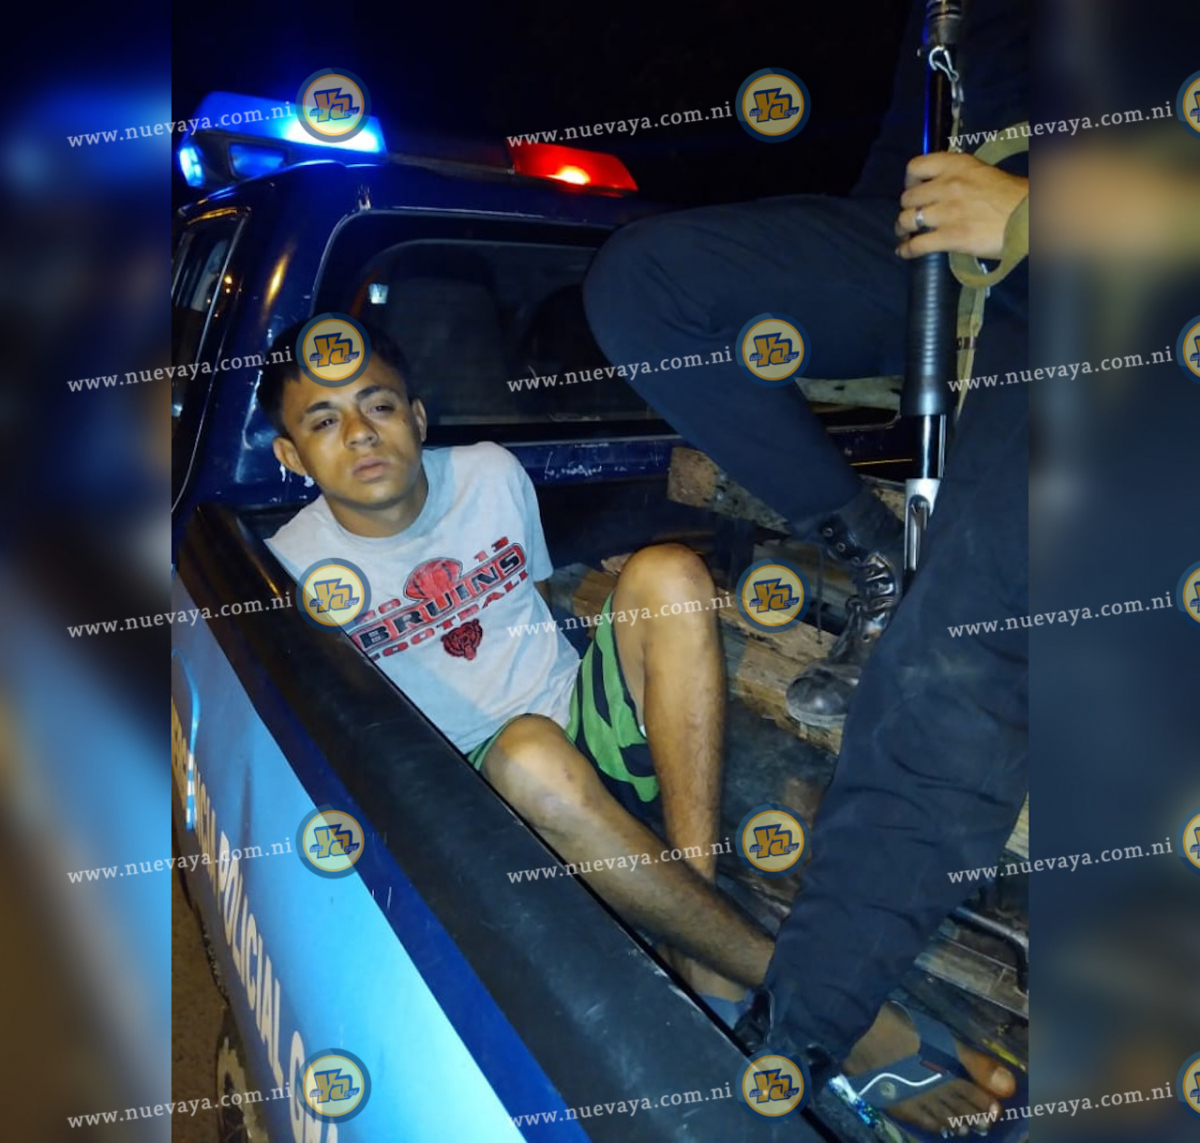 Manuel Salvador Suarez Guido era el supuesto mono que azotaba los techos de granada